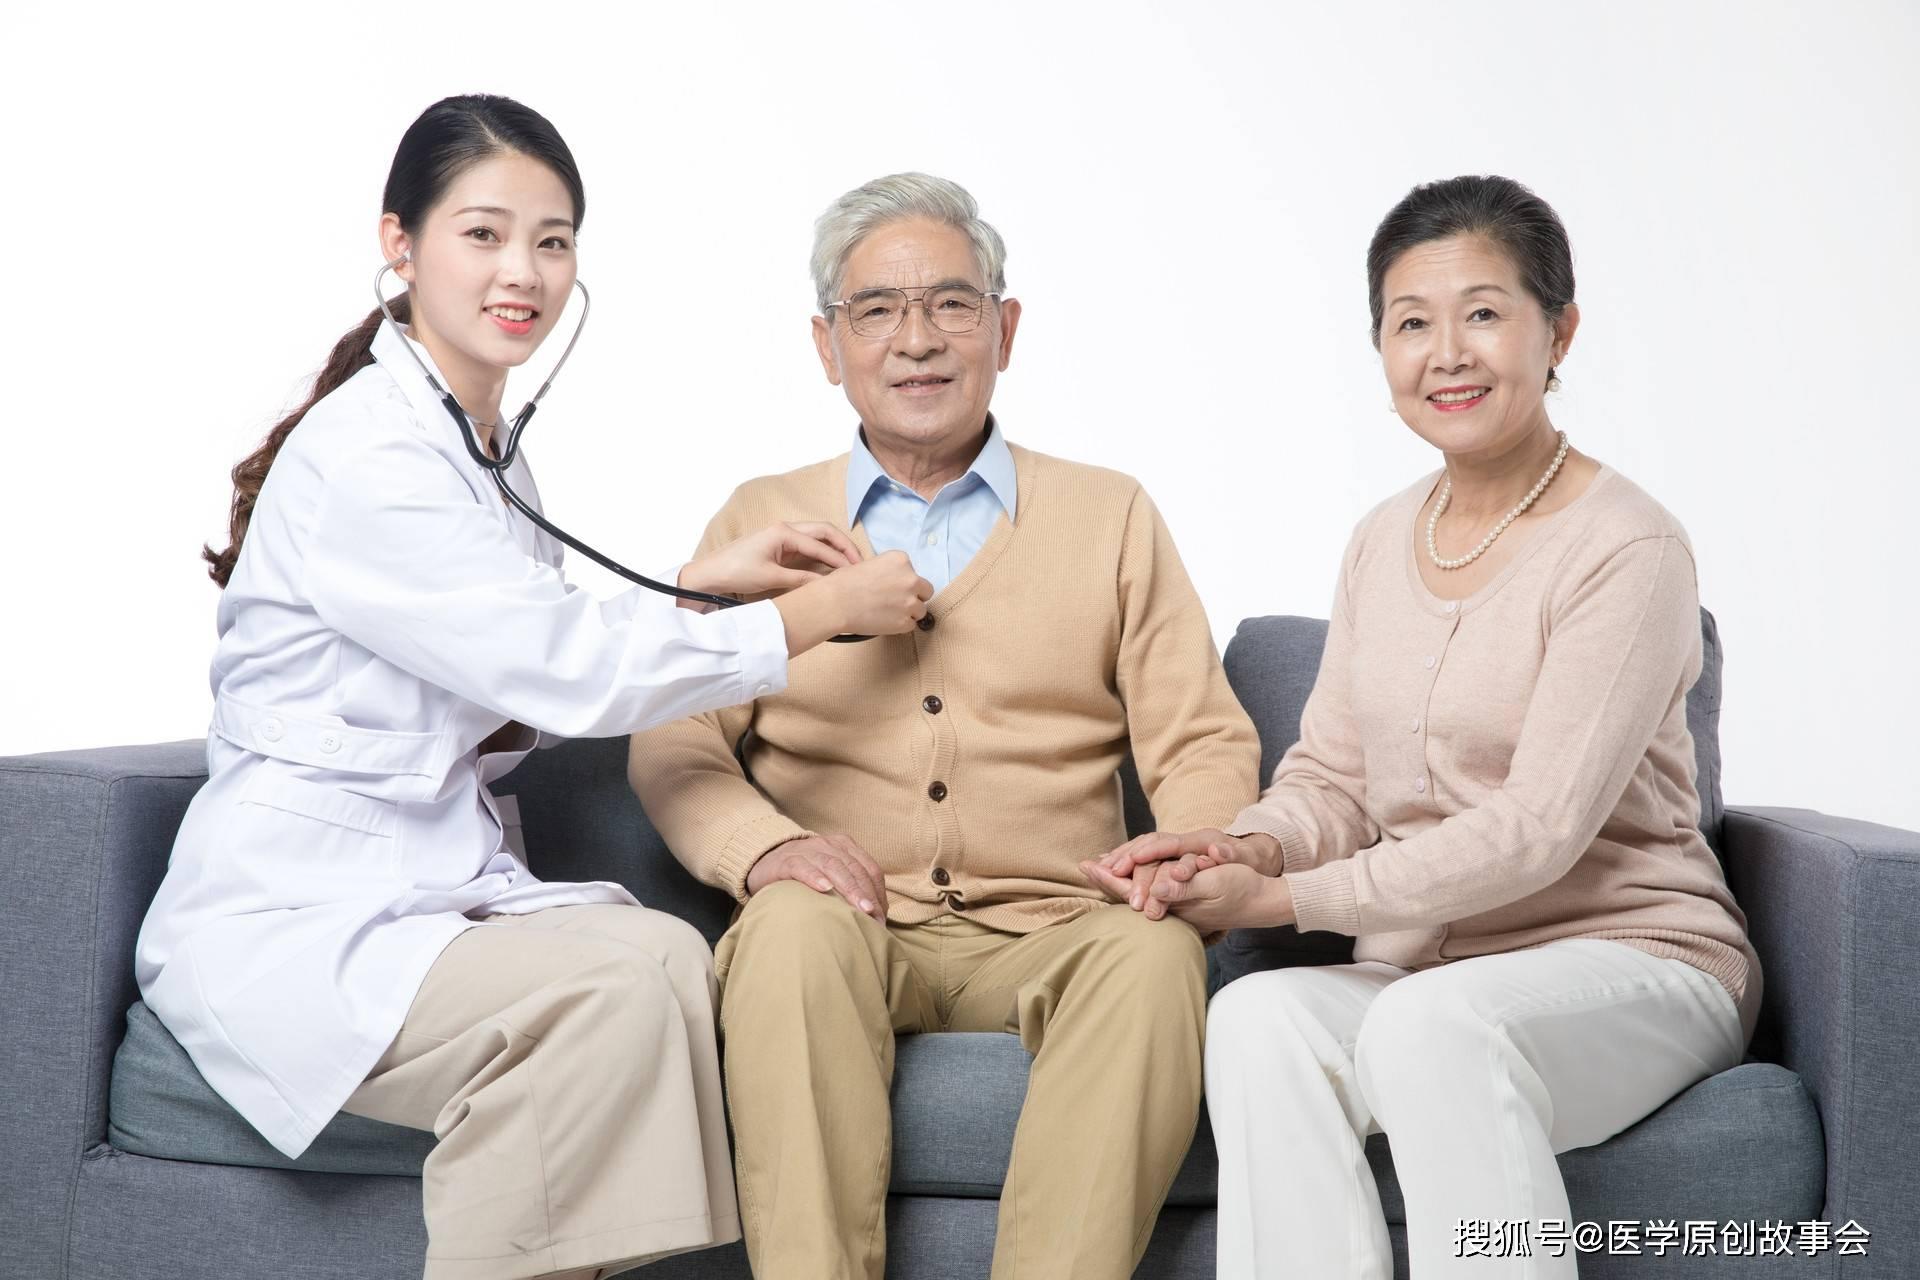 原创癌症不是突然到来,患上癌症的人,常常忽视了四个部位的定期体检